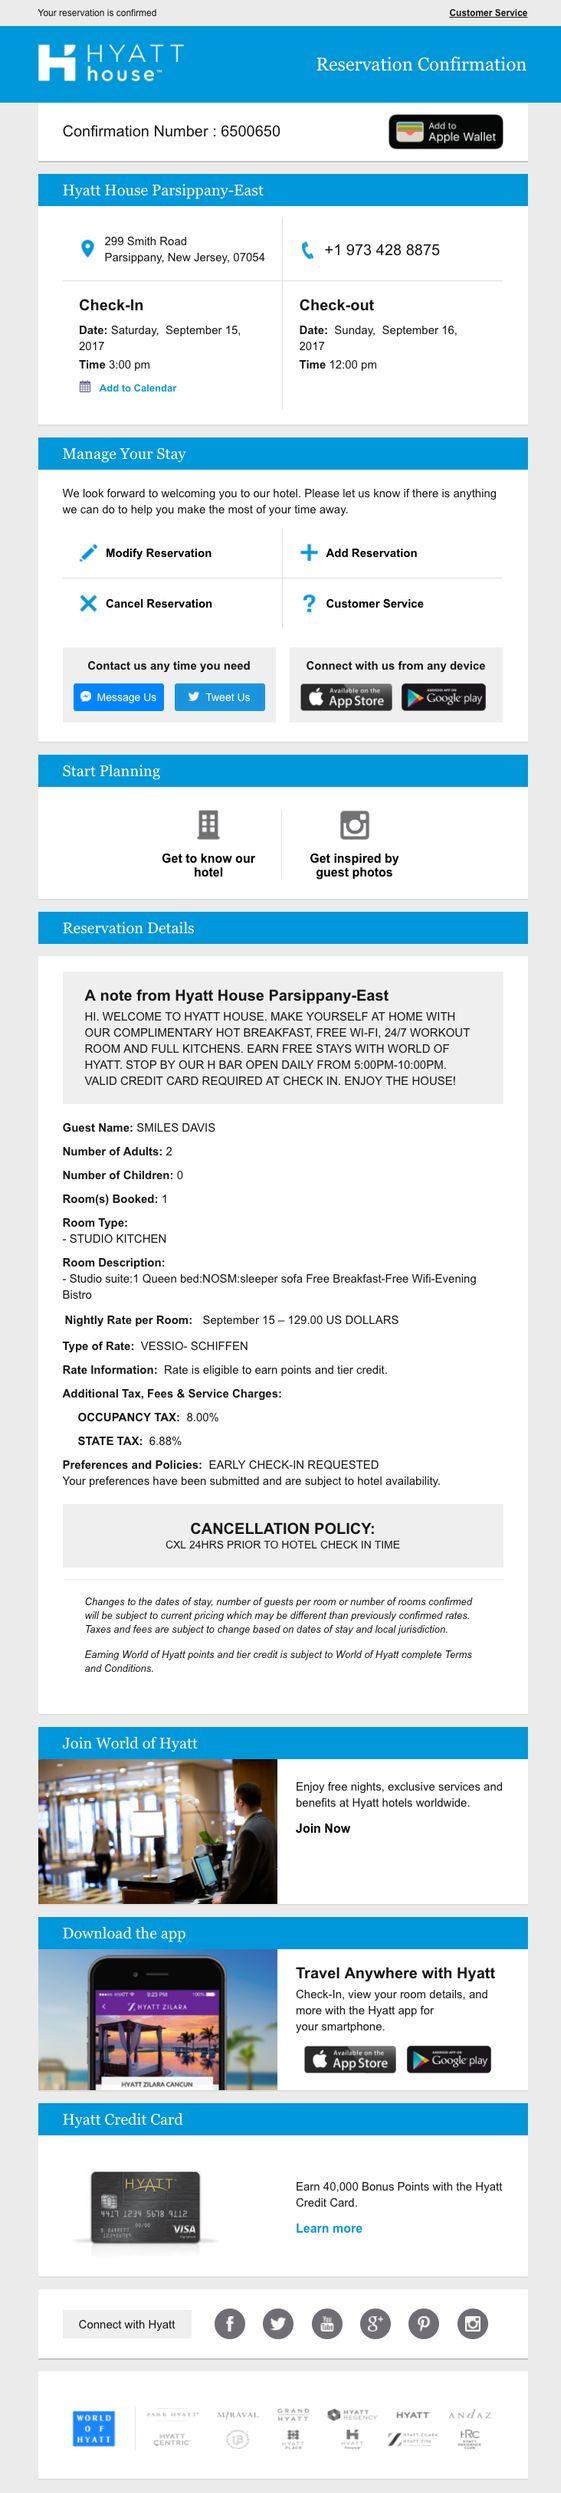 hyatt transaction email design example